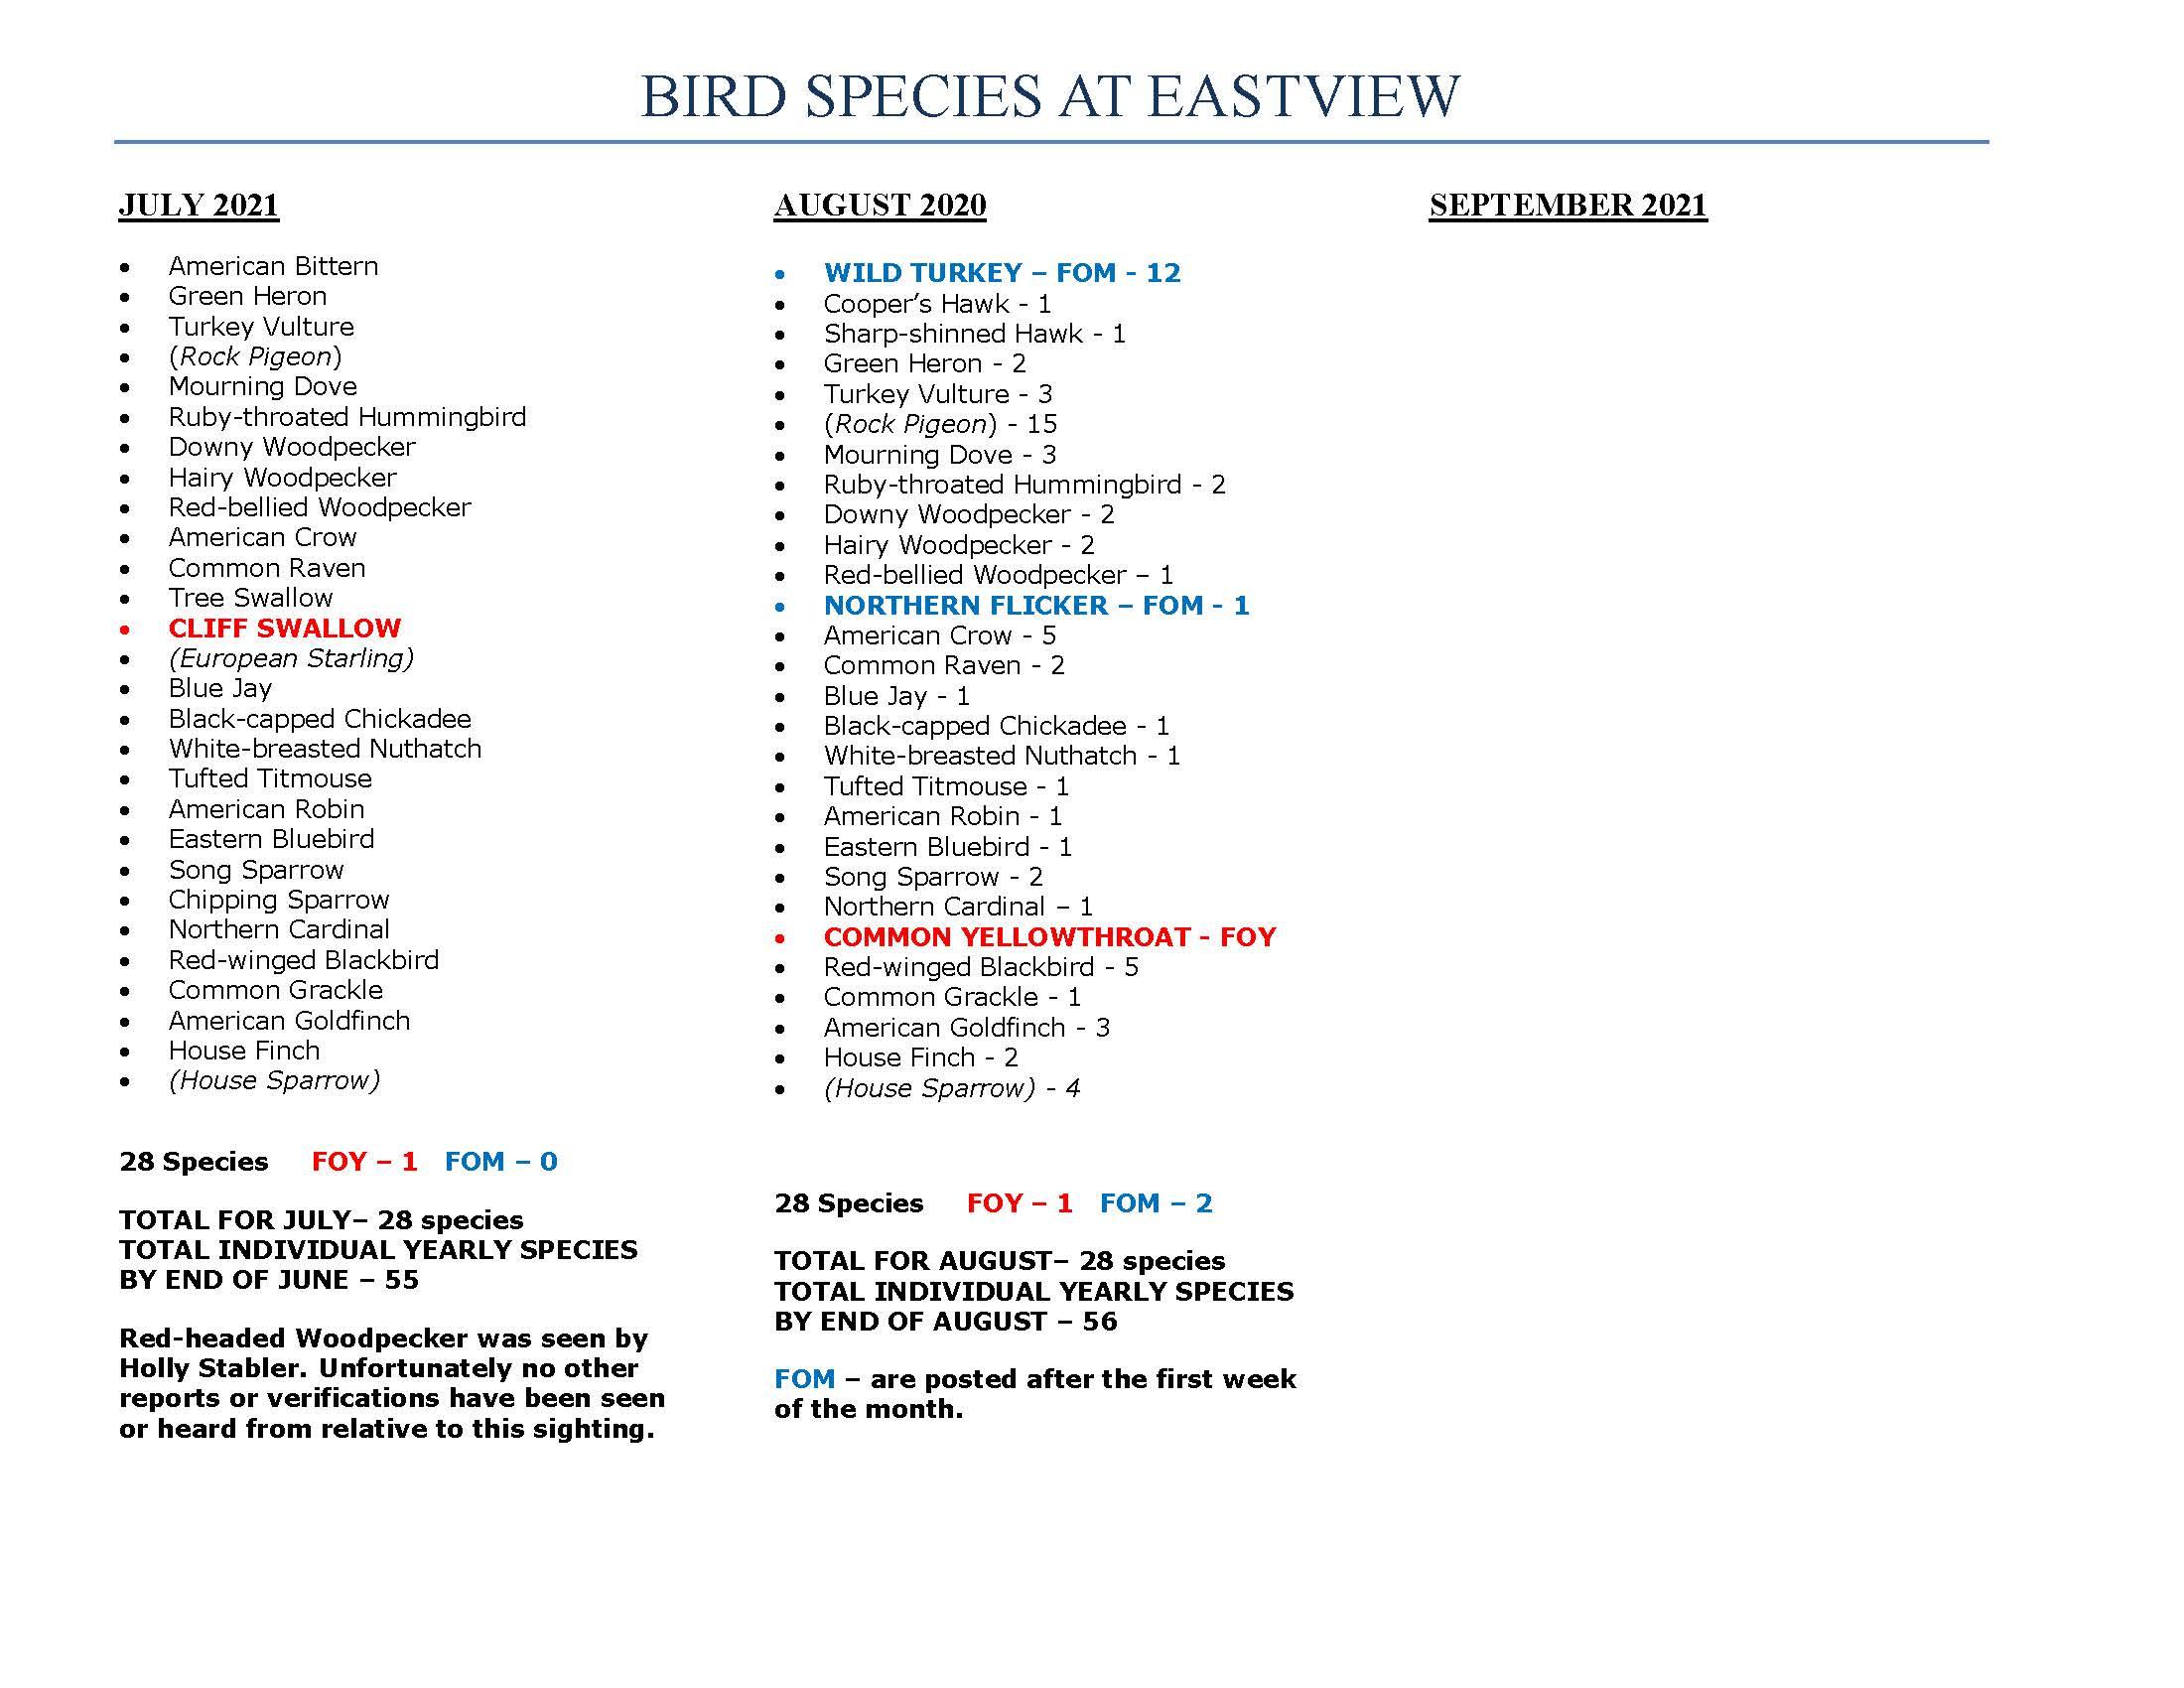 Bird Species at Eastview: Summer